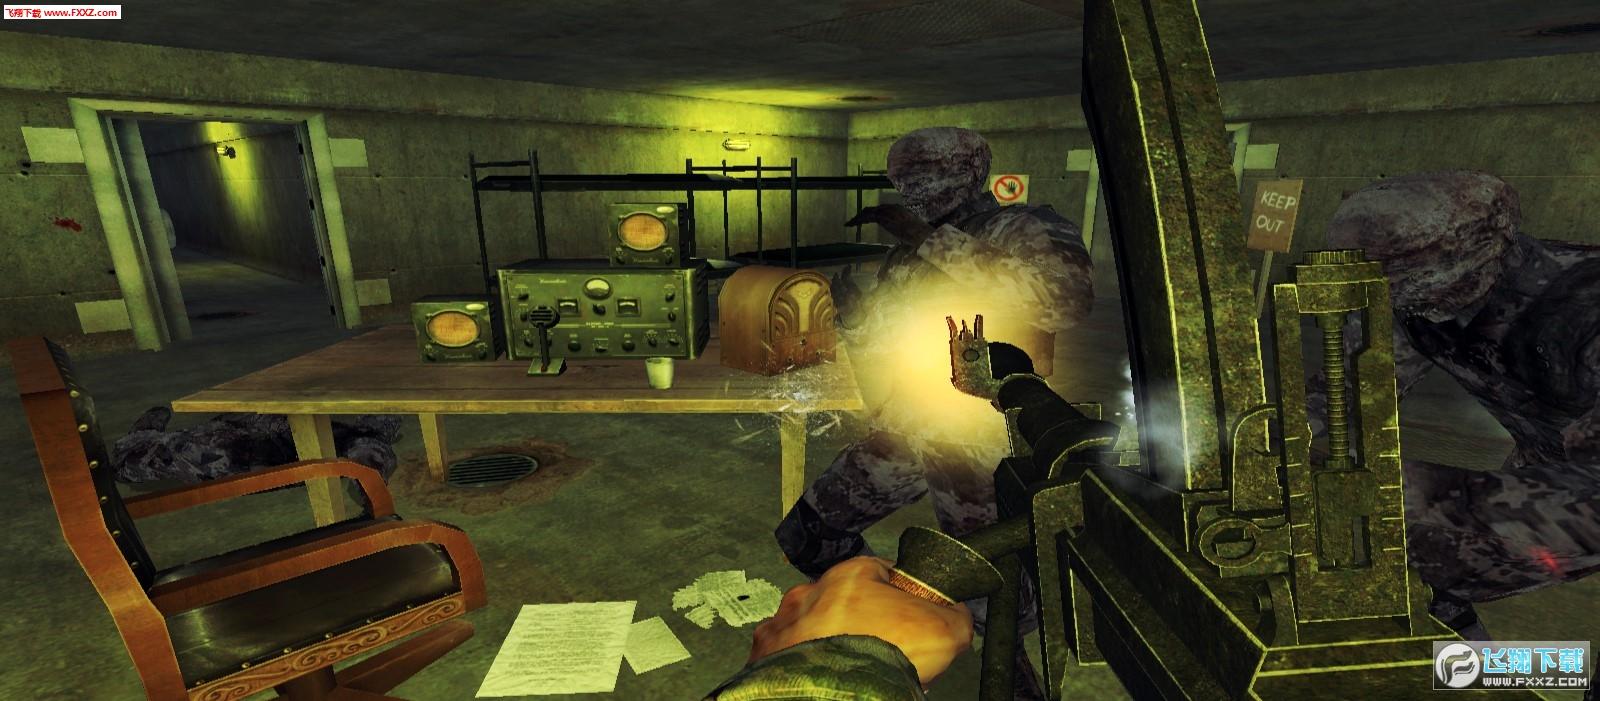 怪物实验室截图4